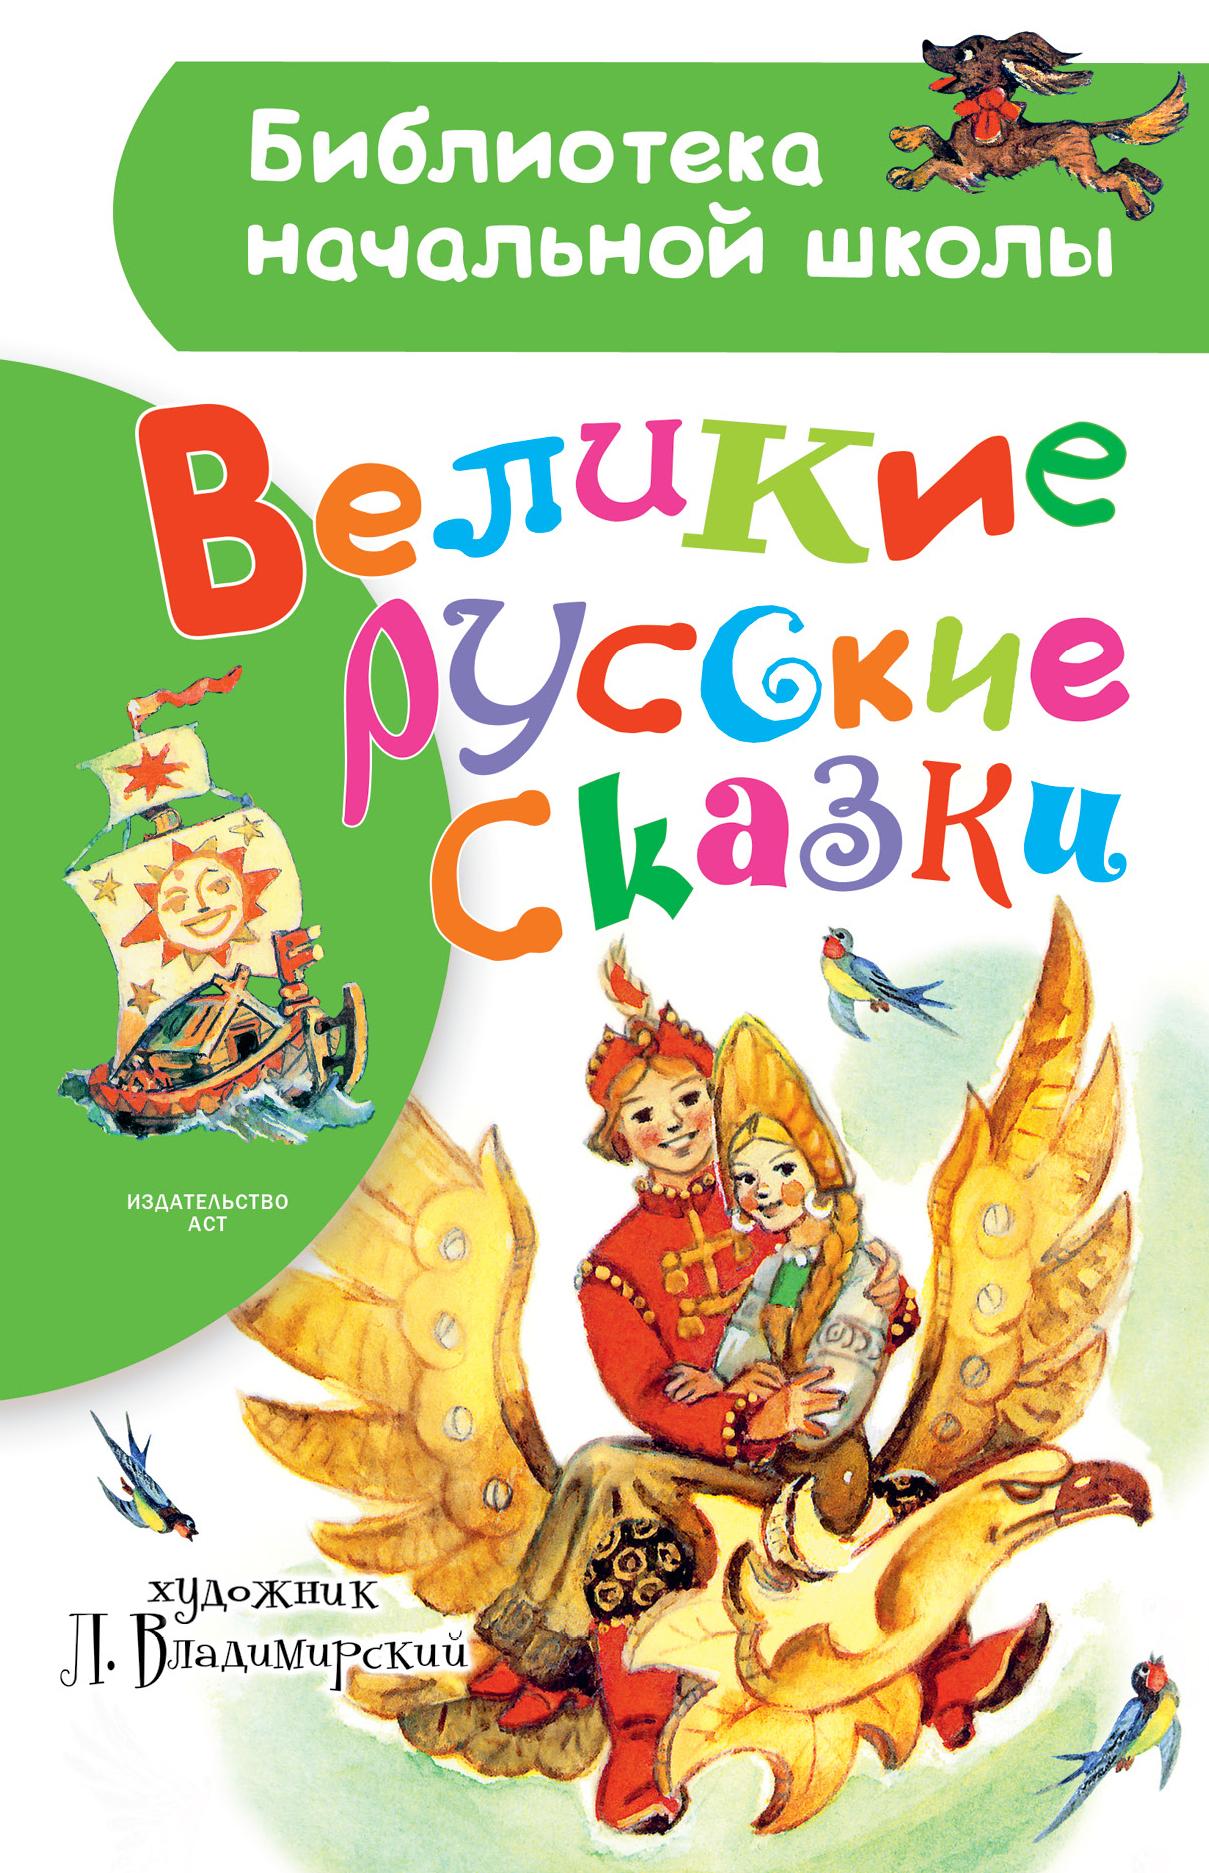 Владимирский Л.В. Великие русские сказки. Рисунки Л. Владимирского